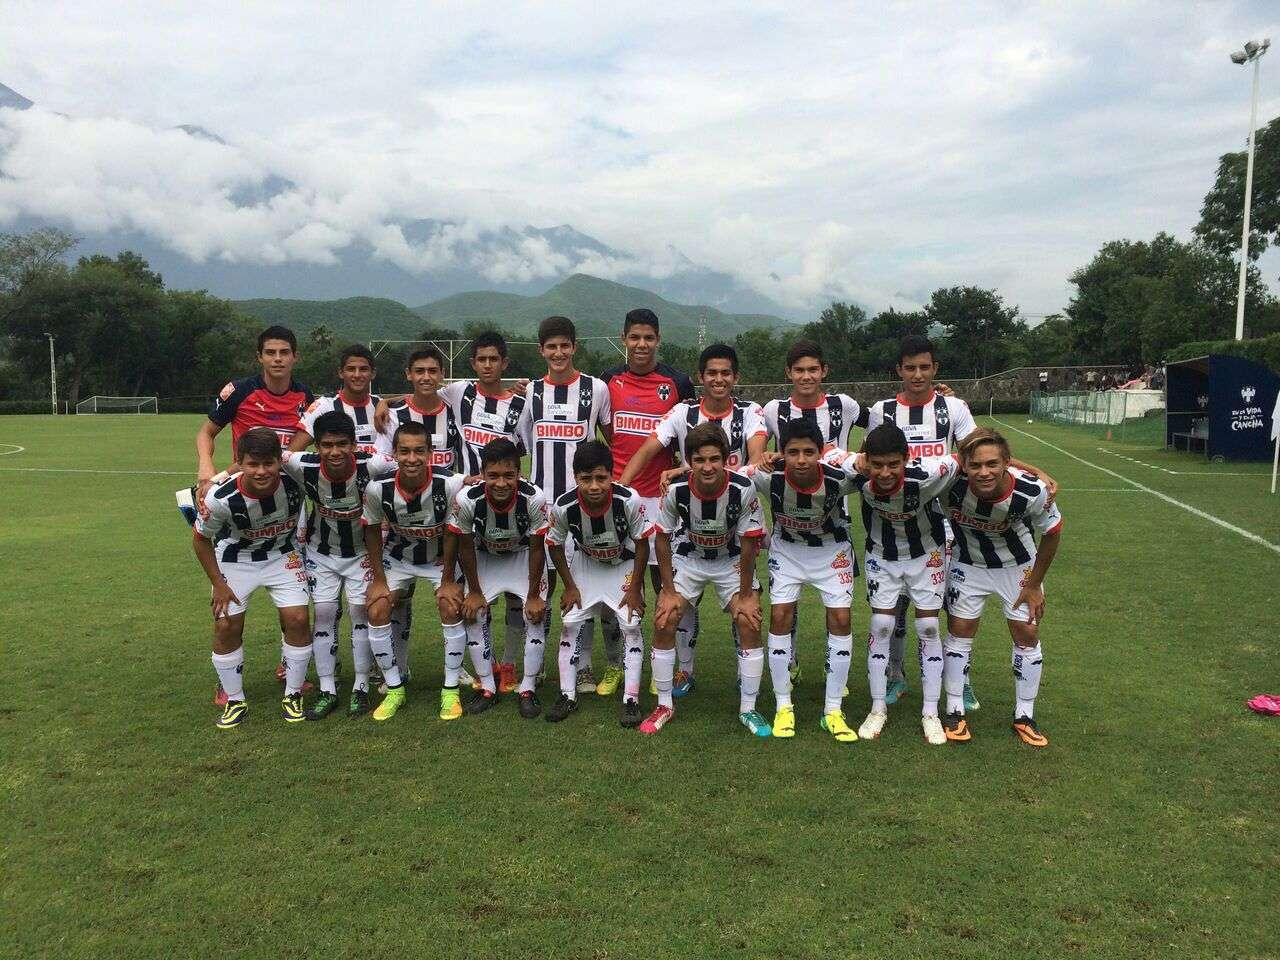 El Equipo de los Rayados de Tercera División que venció a Matehuala en El Cerrito. Foto: Rayados